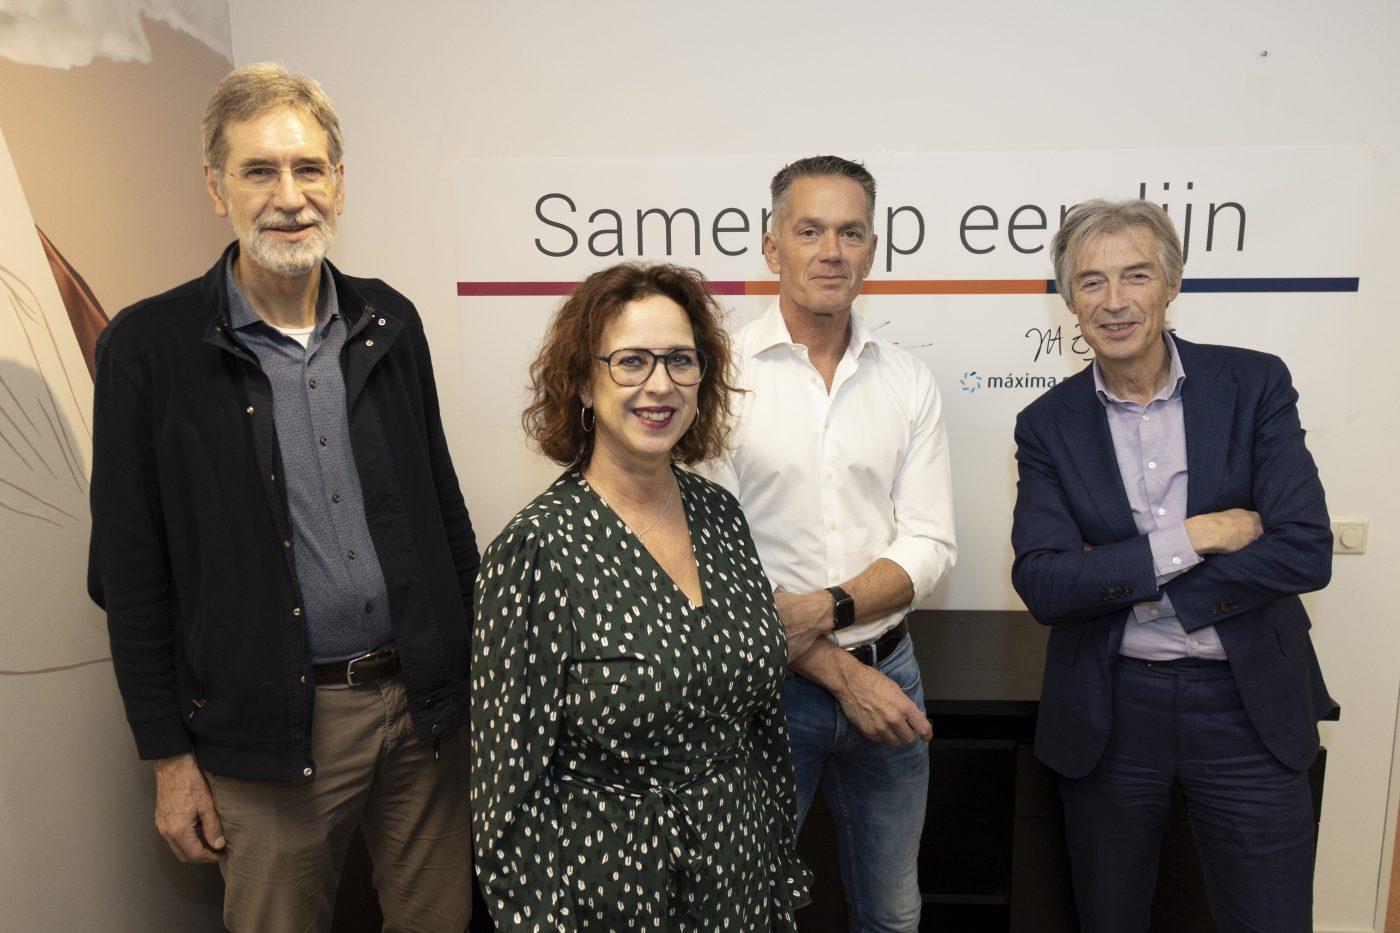 De initiatiefnemers van de nieuwe coöperatie Samen op een lijn